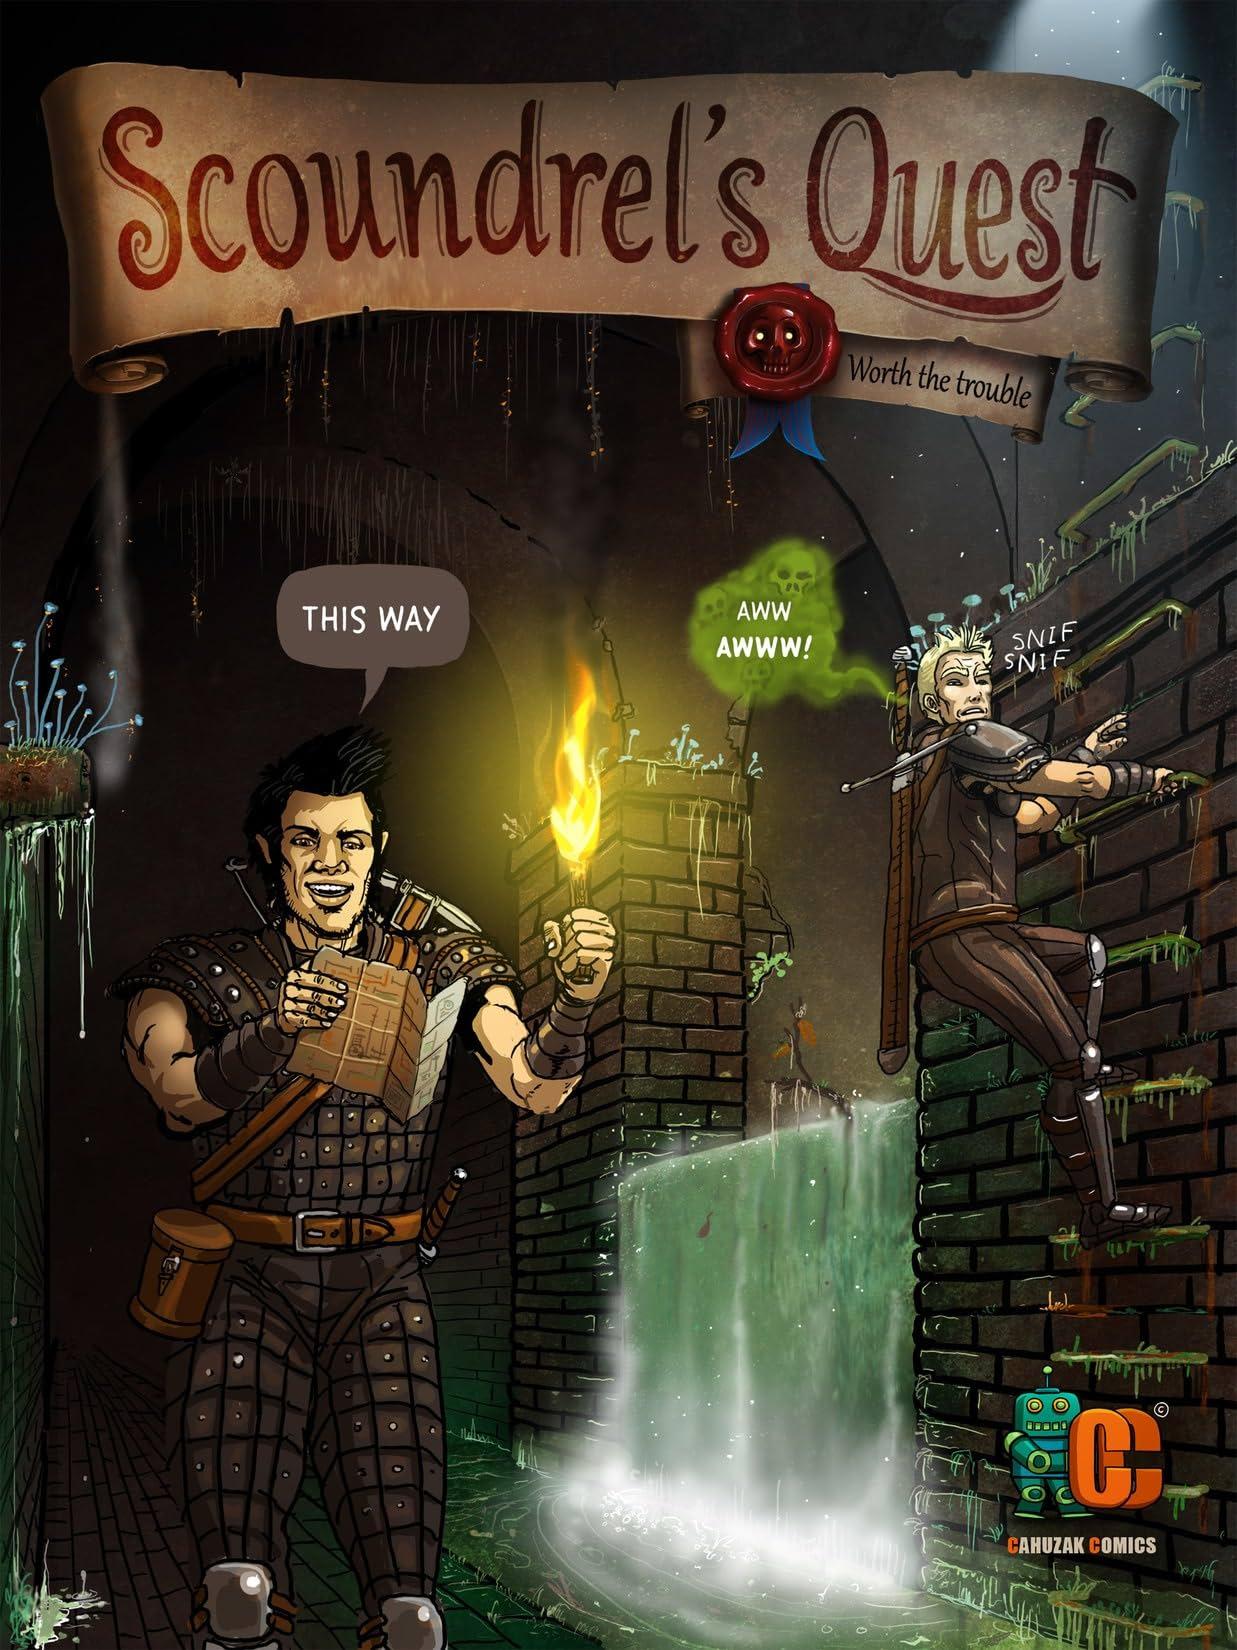 Scoundrel's Quest #1